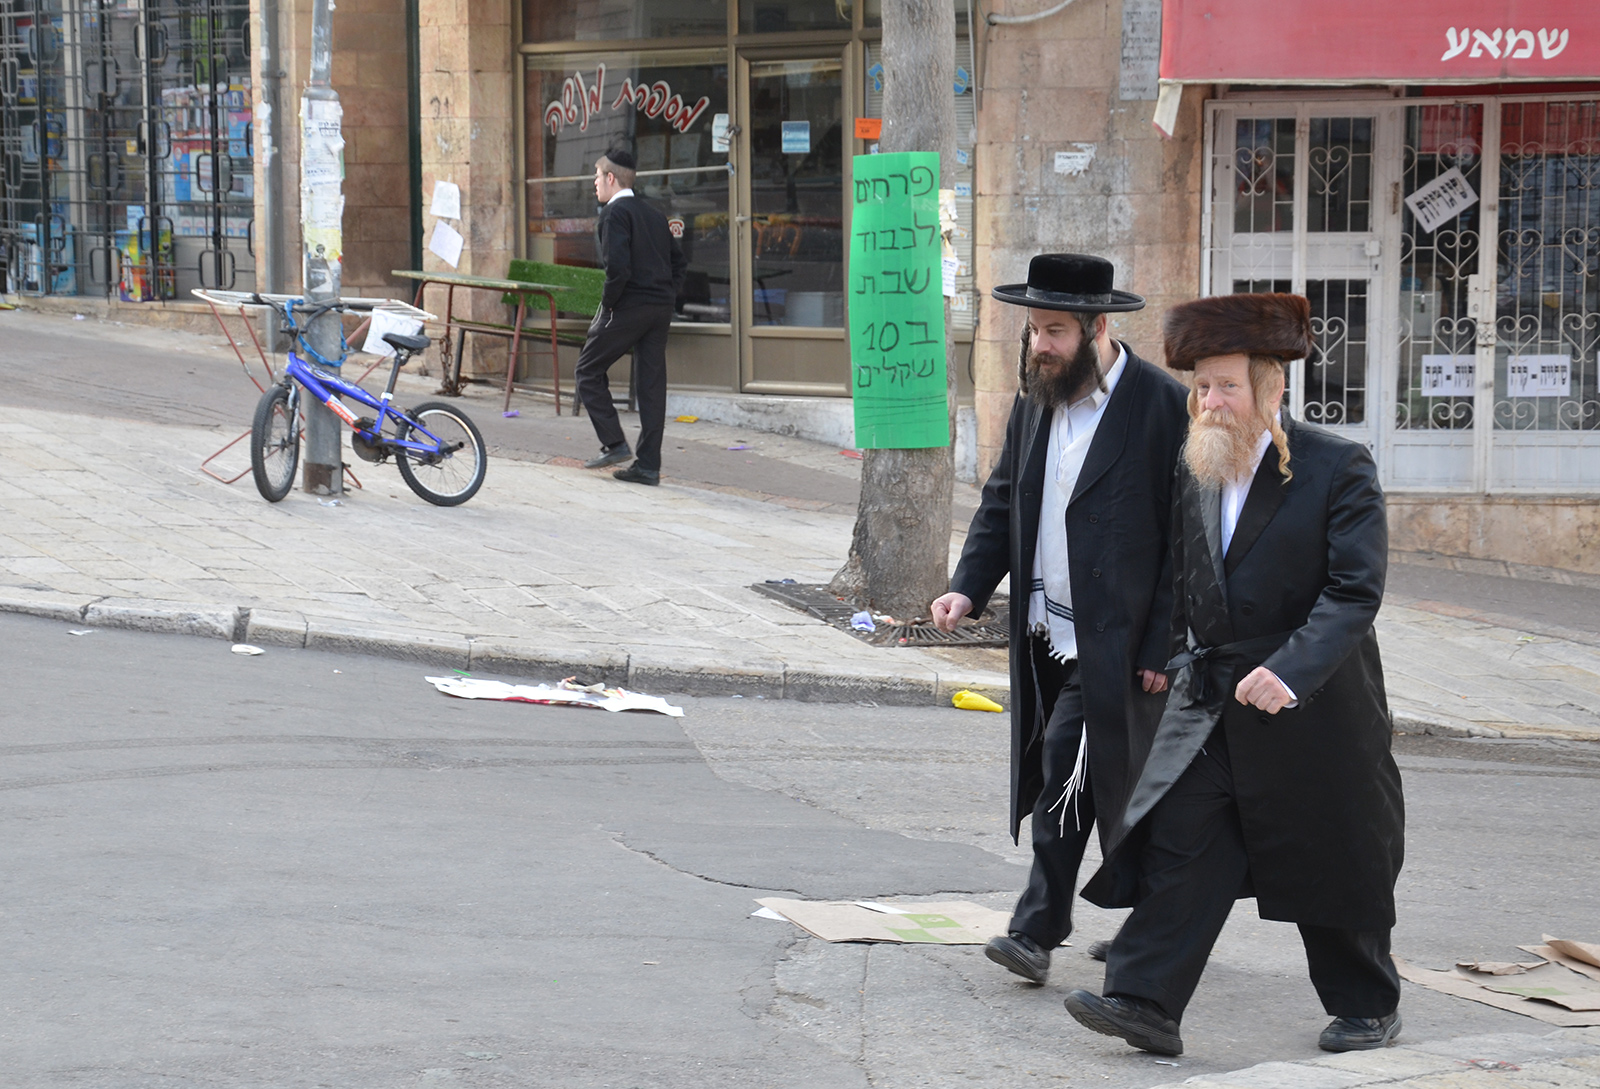 Židé v Mea Shearim, Jeruzalém, Izrael